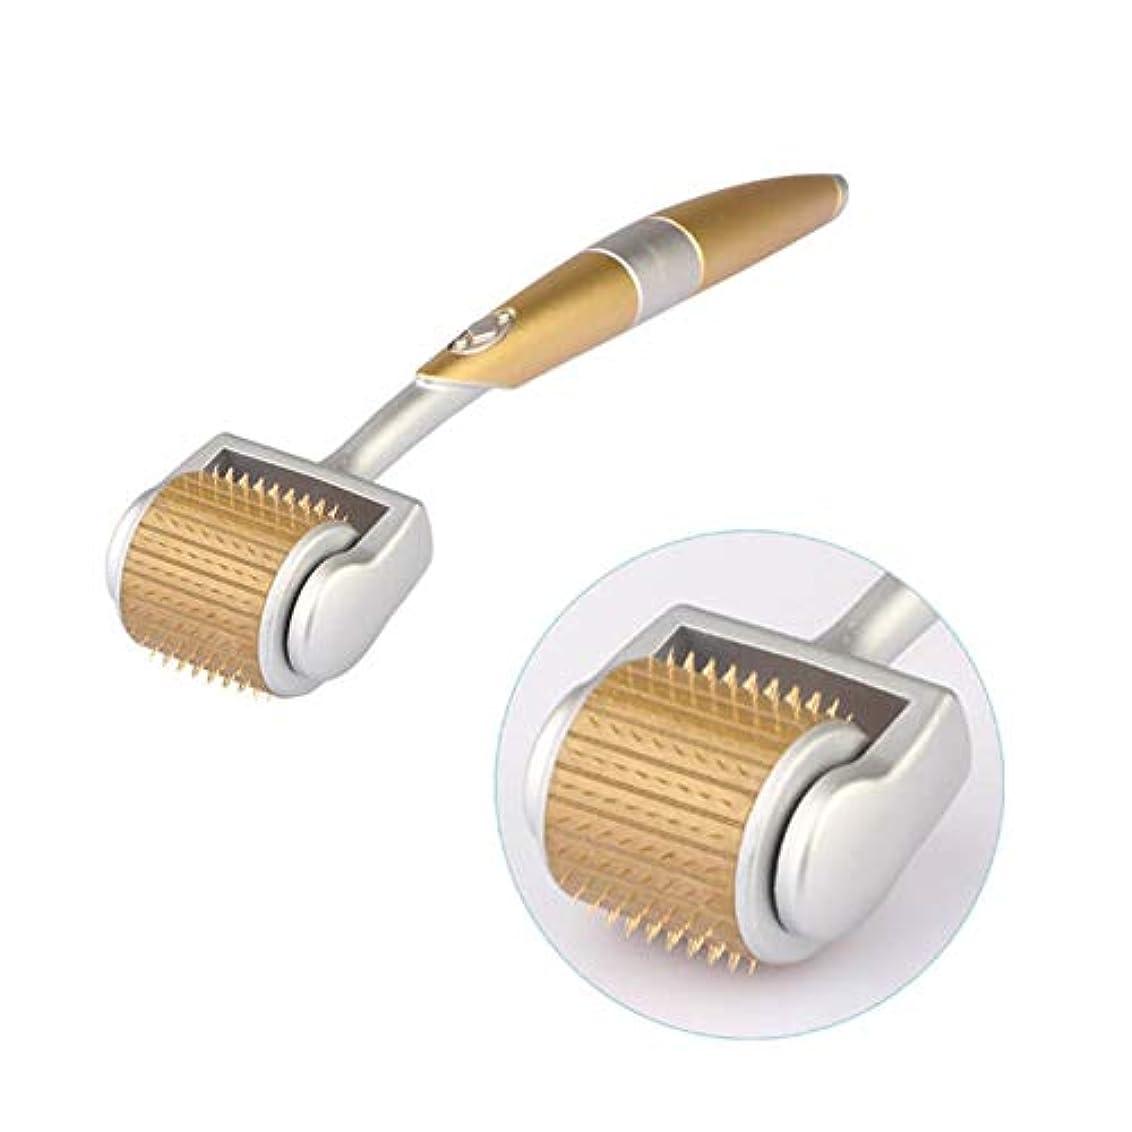 飼料ごめんなさいハグローラー針 ローラー鍼 美容用 マッサージローラー 美容成分を高浸透させ、血行を促進しローラー鍼 フェイスボディー用 充電不要 ゴールド 14cm x 2.9cm (Size : 1.5mm)